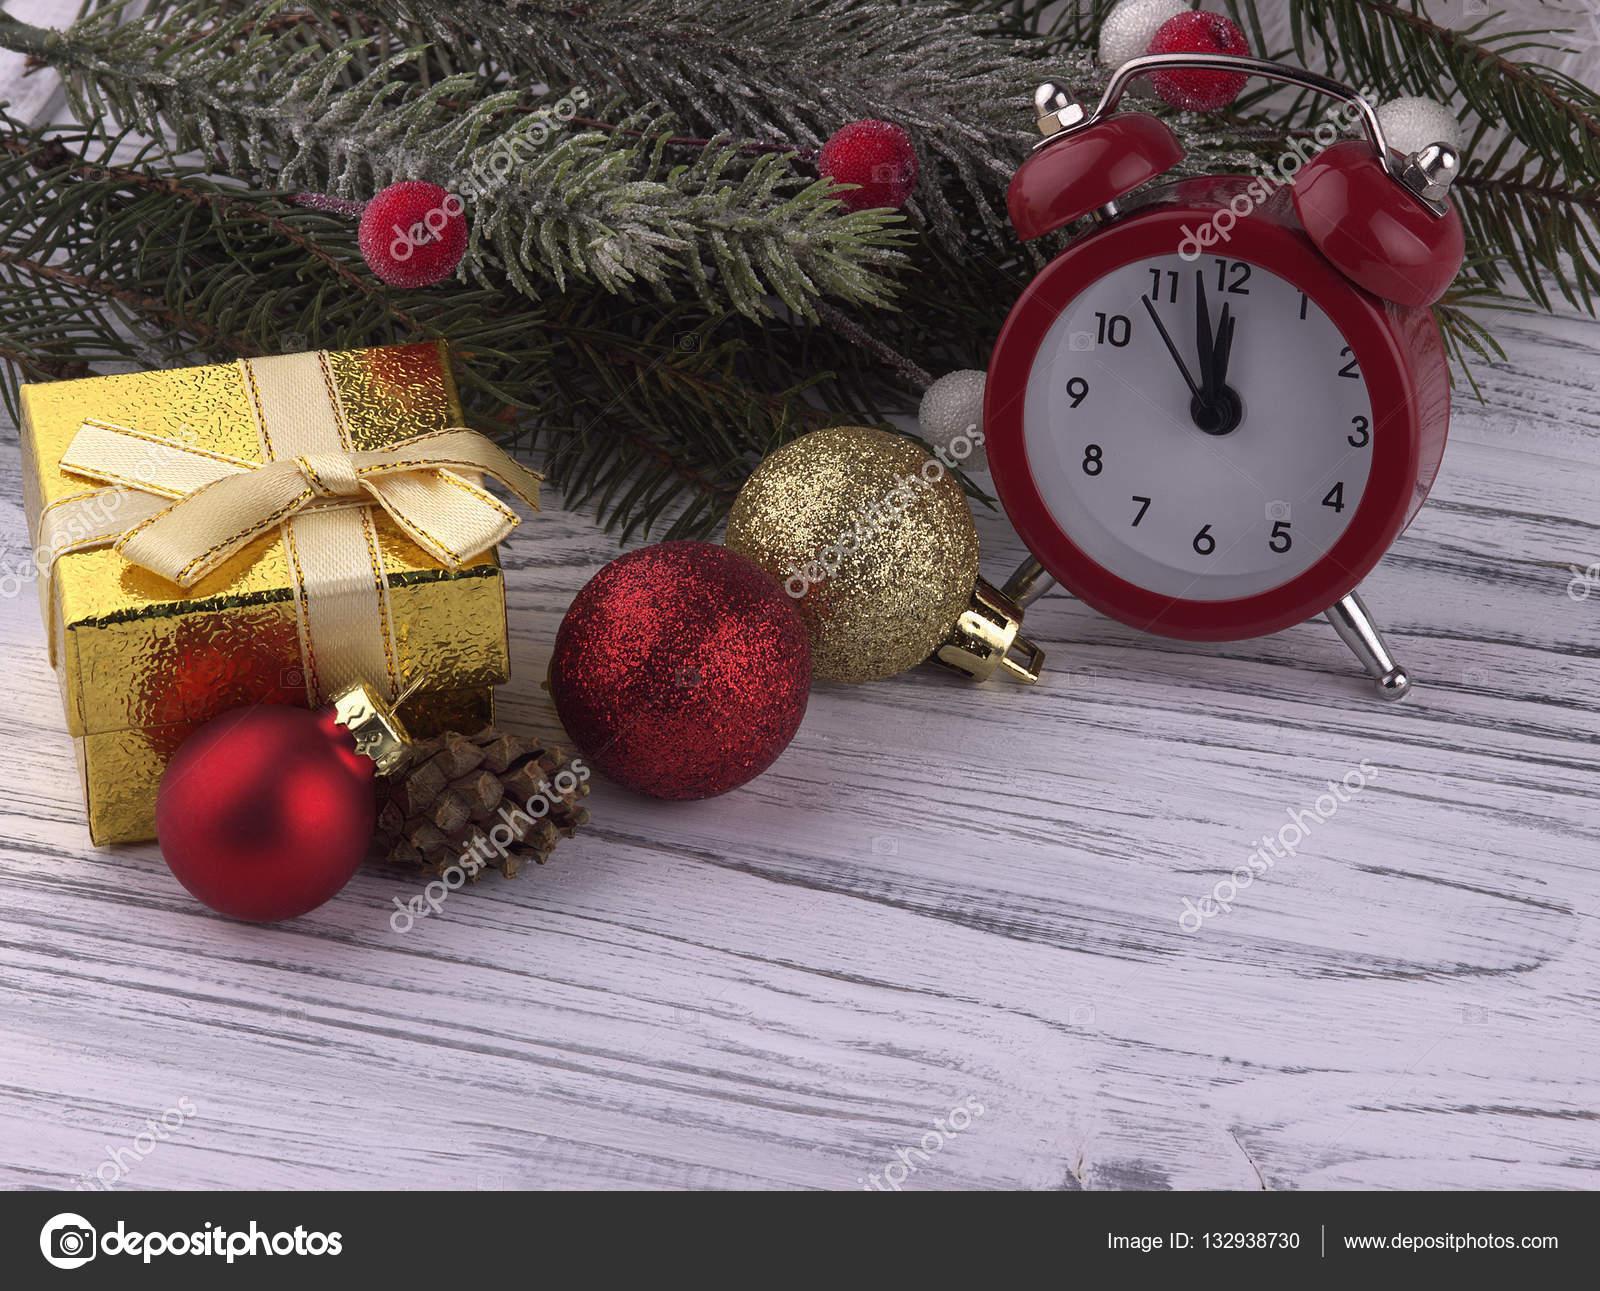 Feestdagen Natuurlijke Kerstdecoratie : Kerstdecoratie met gave vak rood alarm klok kegel natuurlijke fir